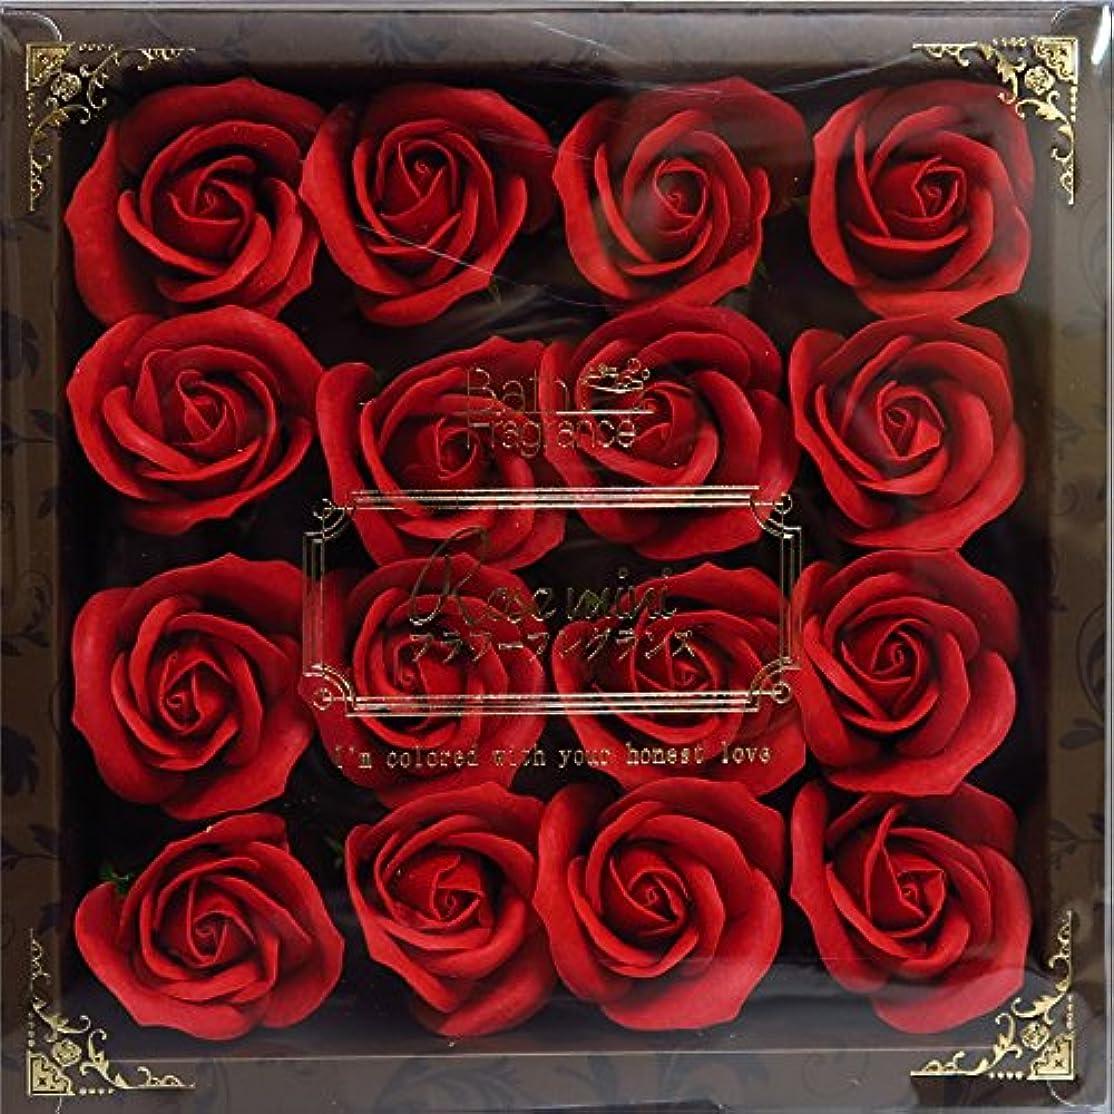 値する交流する捧げるバスフレグランス バスフラワー ミニローズフレグランス(M)レッド ギフト お花の形の入浴剤 プレゼント ばら